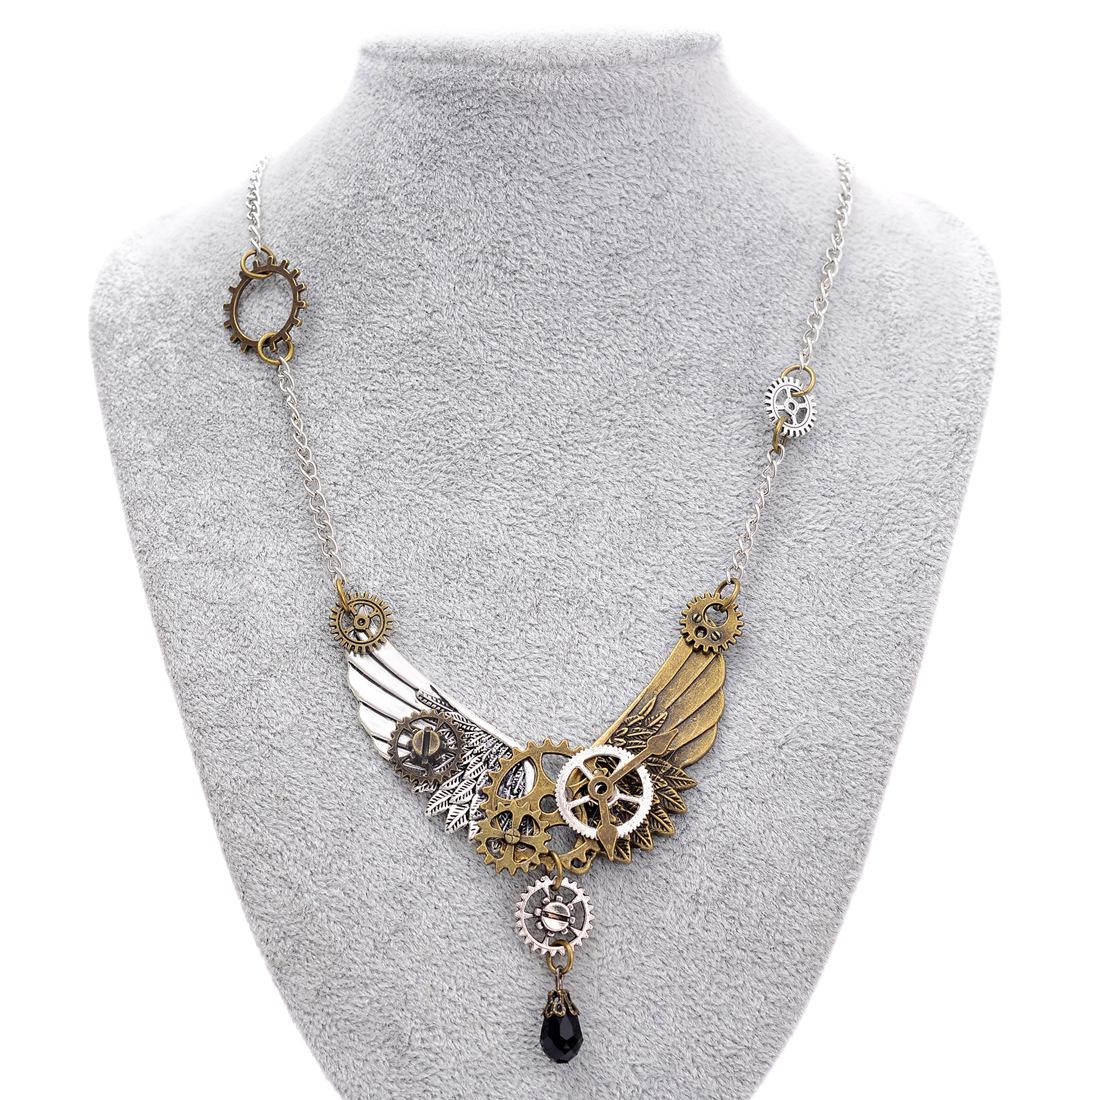 欧美外贸复古饰品 蒸汽朋克齿轮翅膀吊坠项链 速卖通亚马逊新款